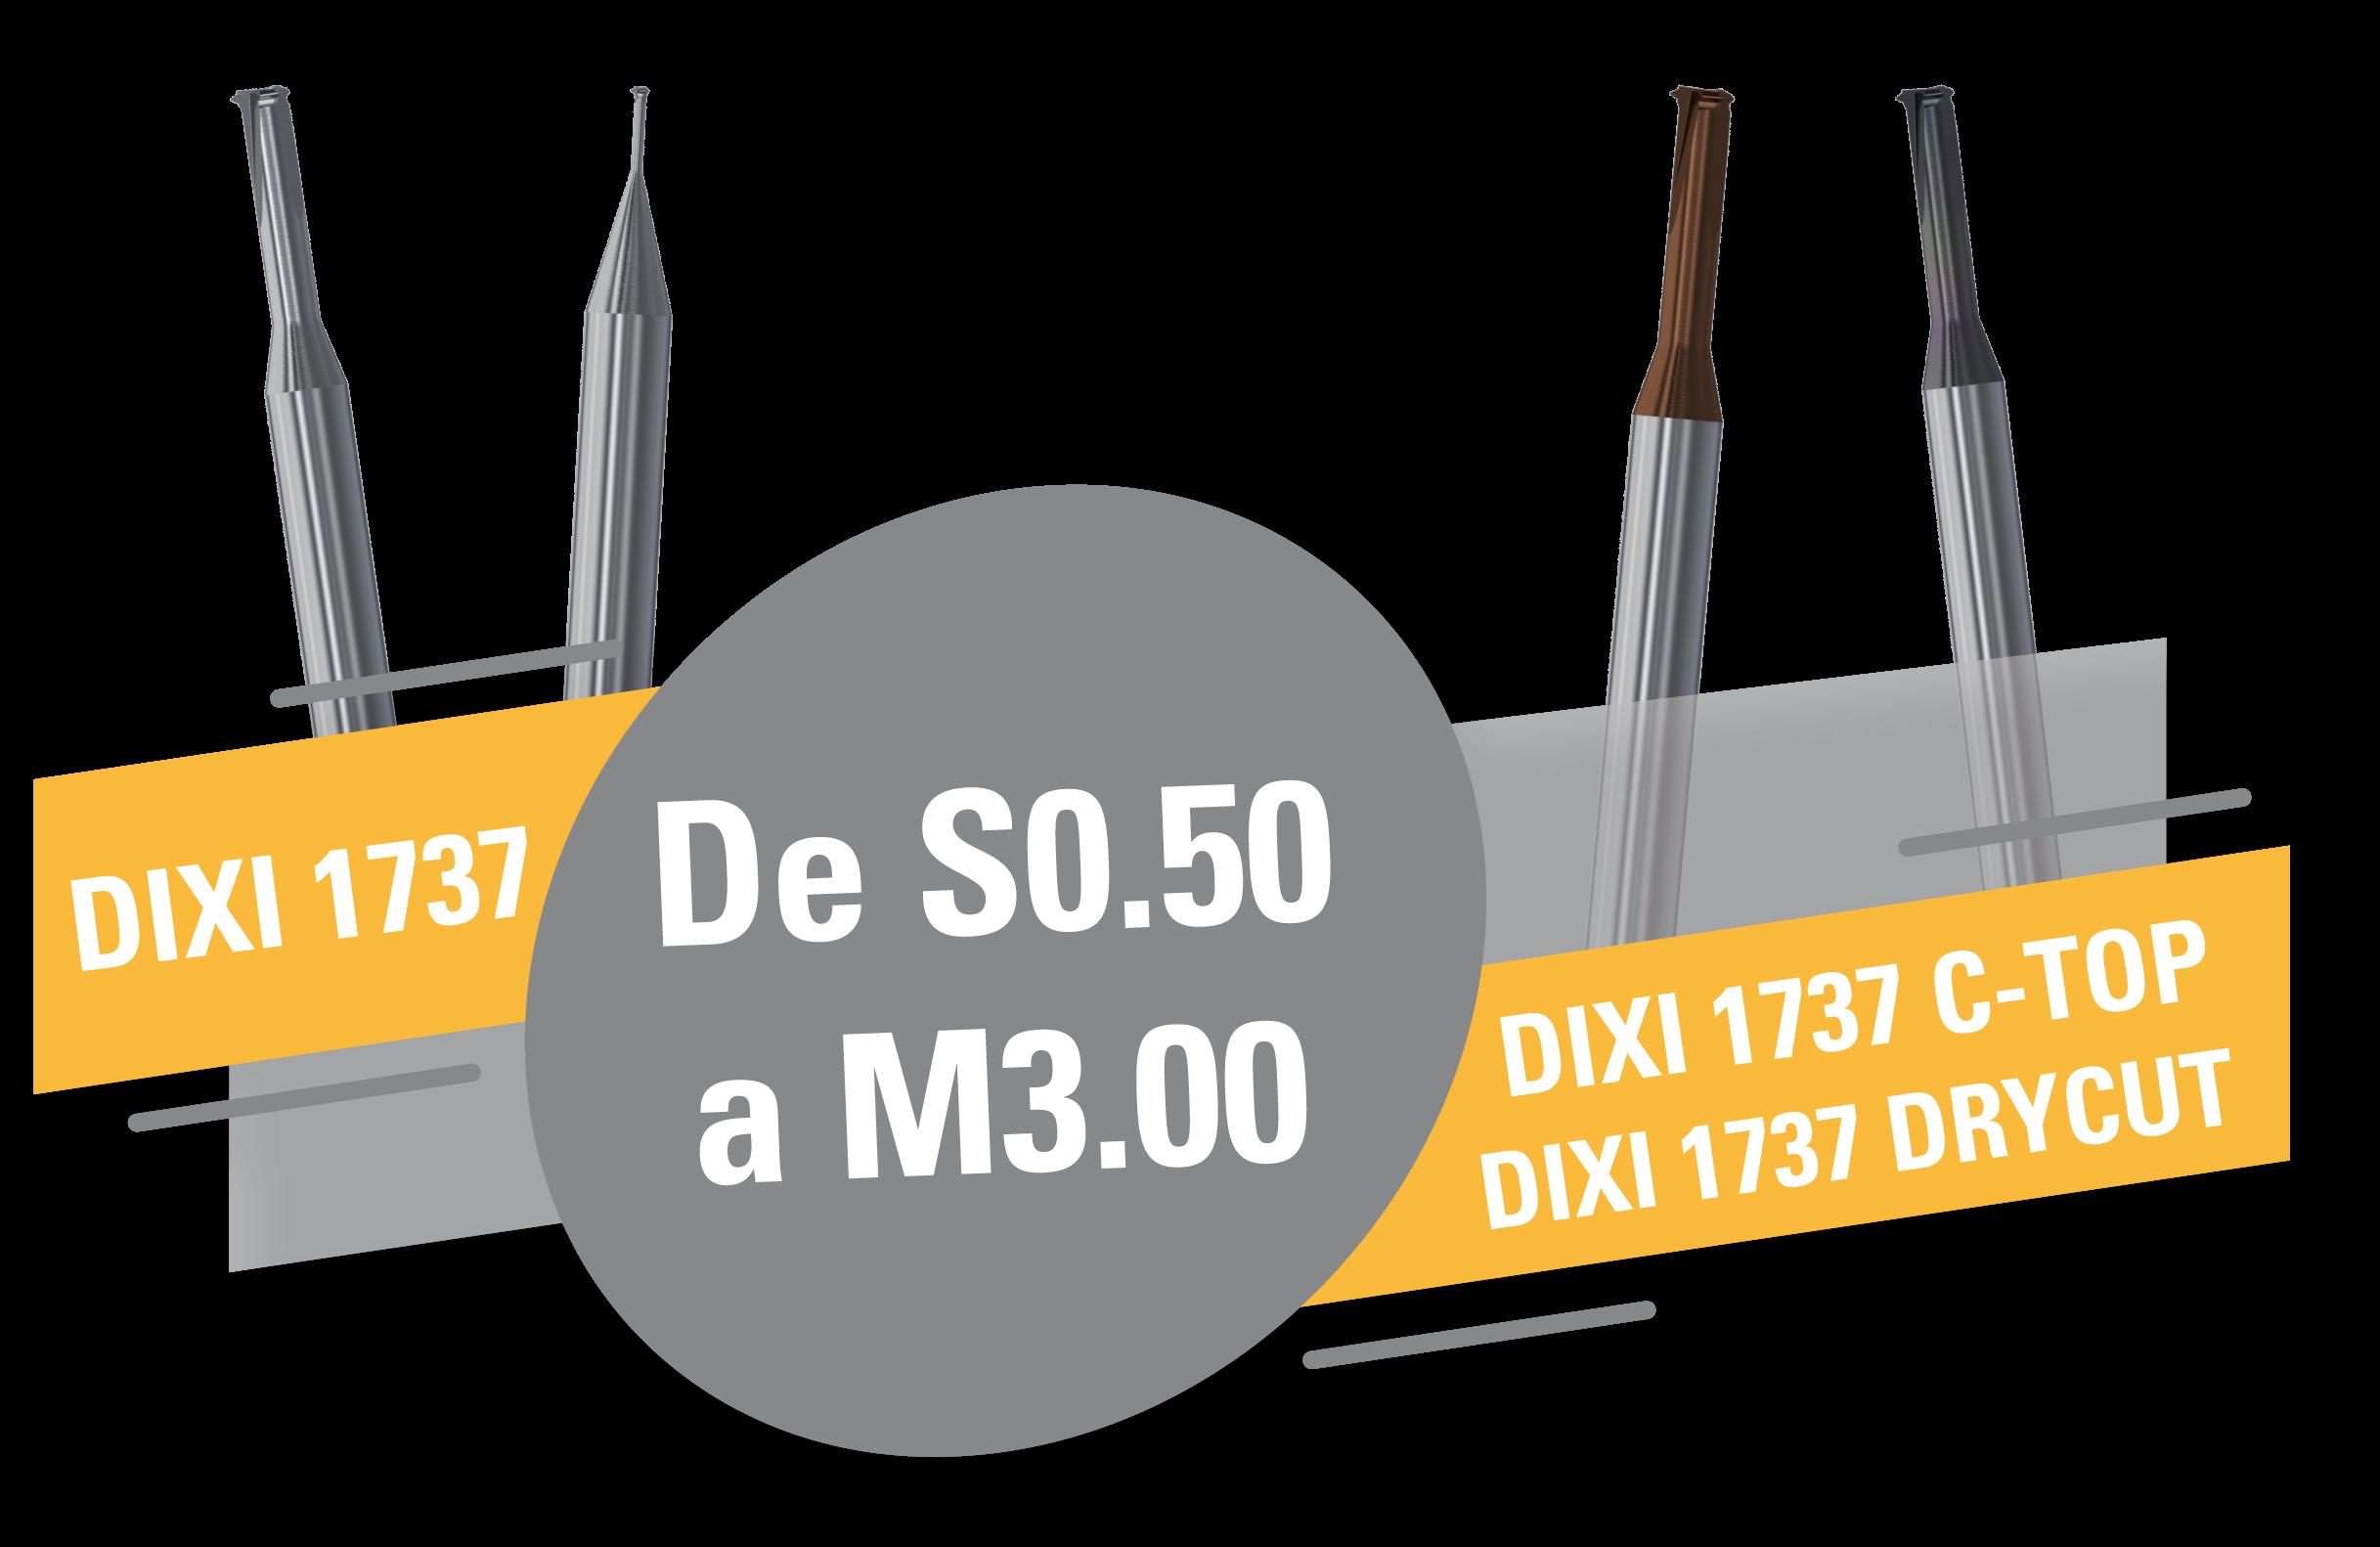 DIXI 1737 Nuevas herramientas torbellinadores con perfil completo !